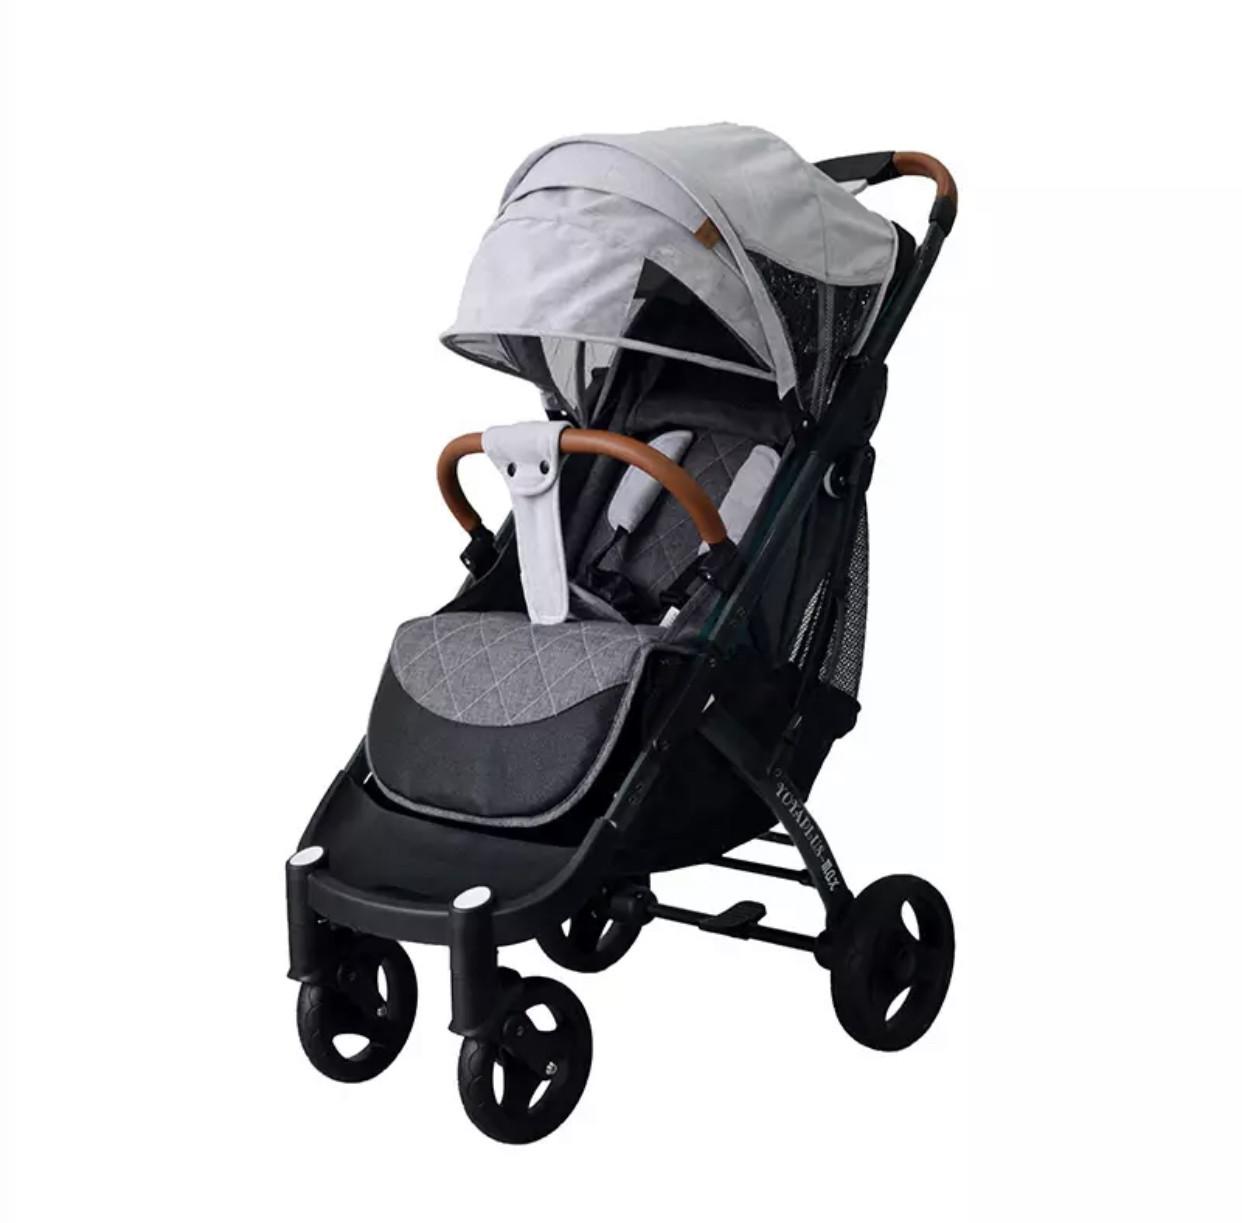 Прогулочная коляска YOYA plus Max -gray (серая)